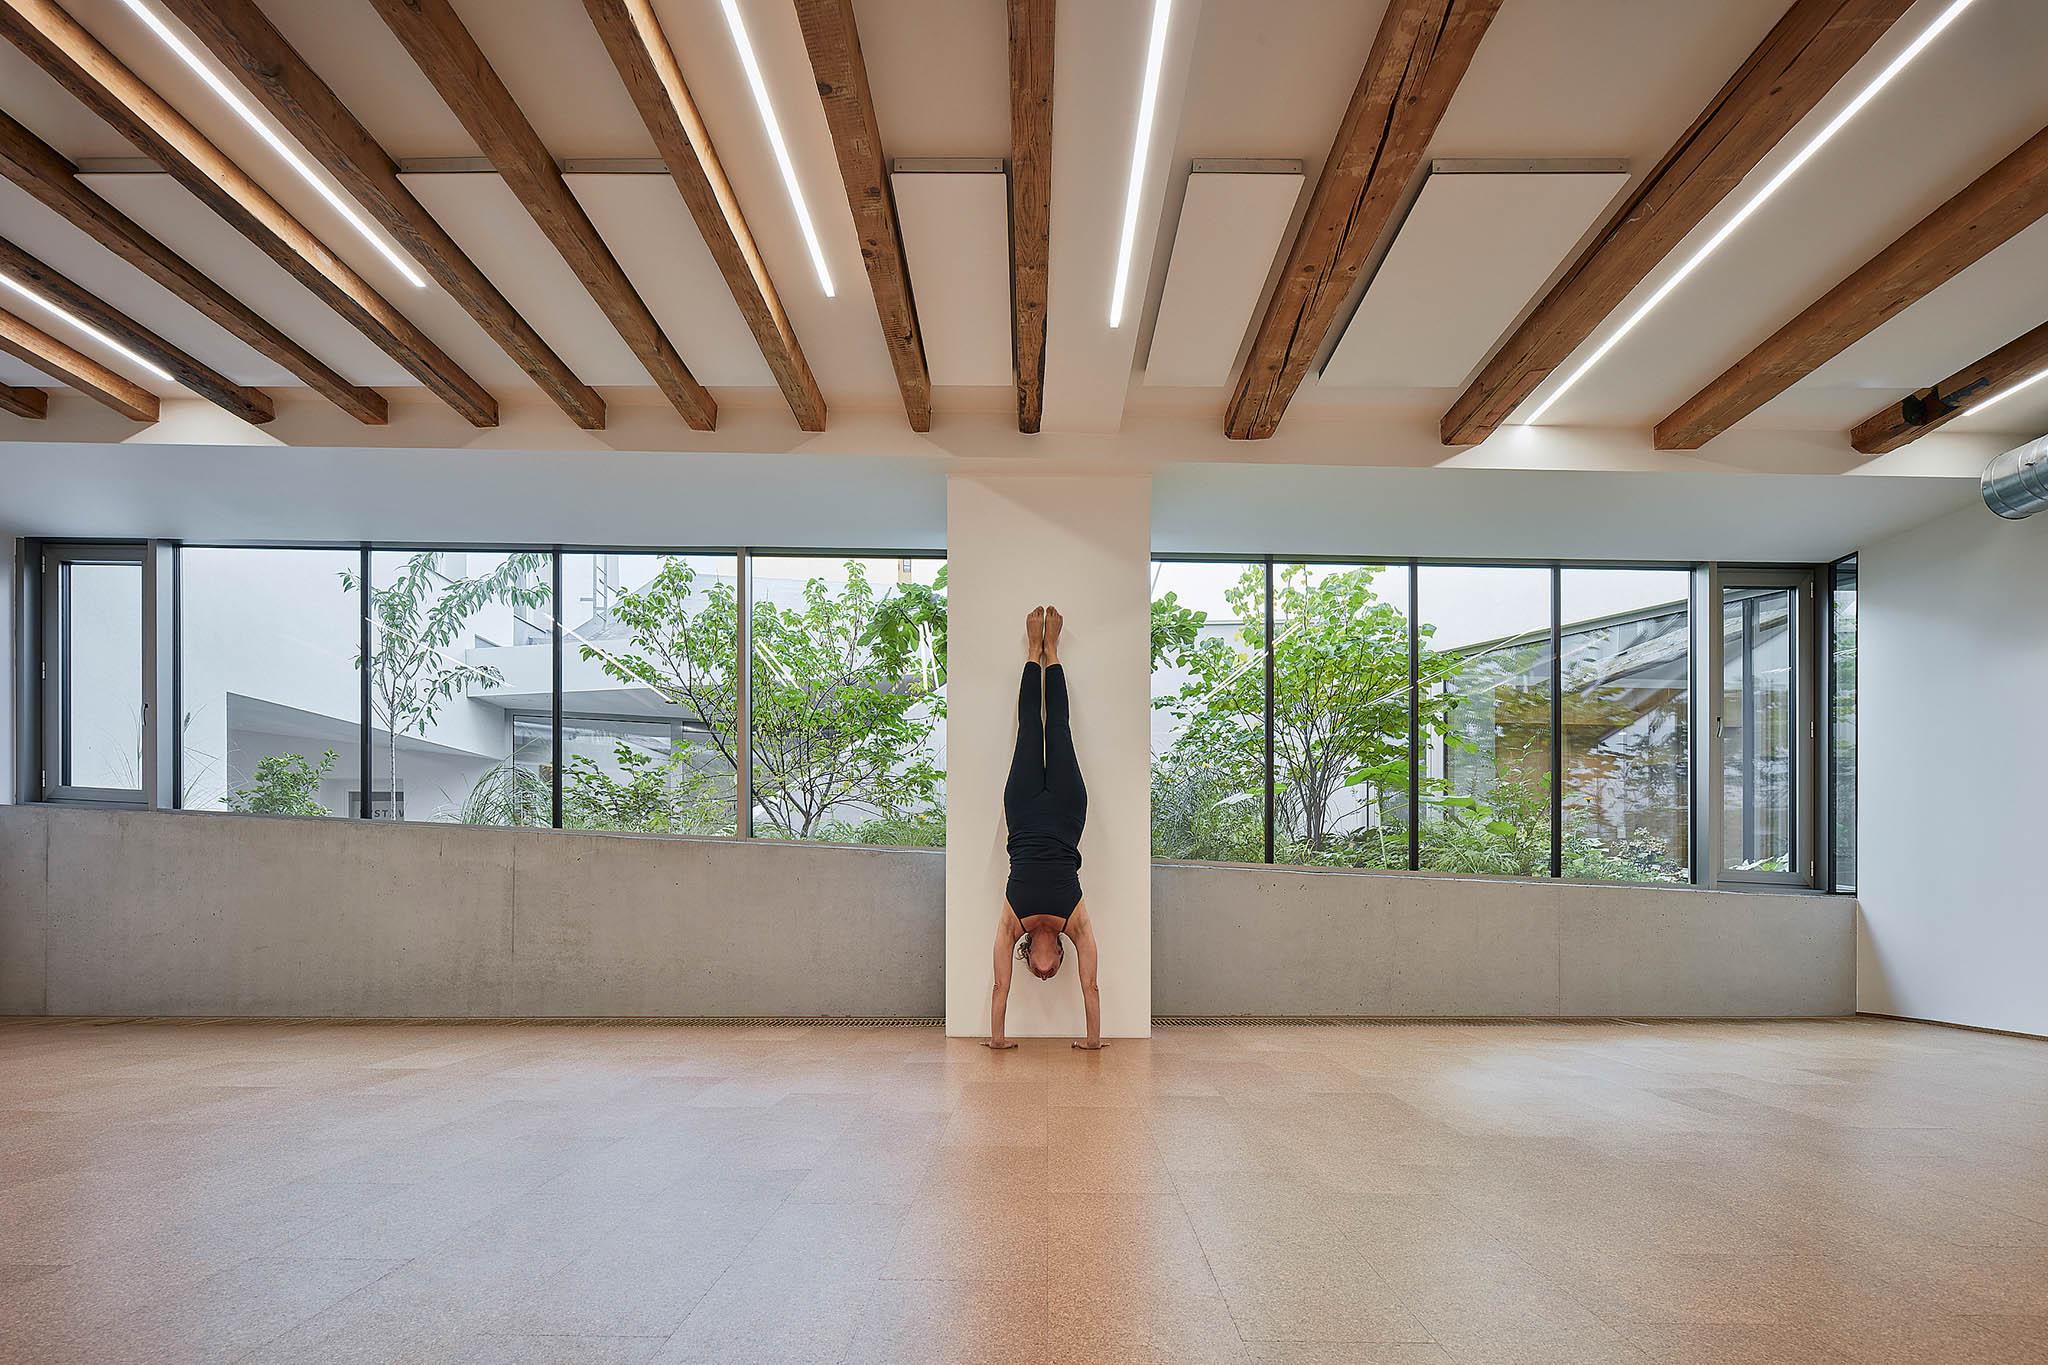 Jedno znejkrásnějších jógových studií má otevřeno. Majitelé Yoga Garden nechali volnou ruku polskému architektovi Szymonovi Rozwalkovi, který pozval světlo apřírodu dovnitř.